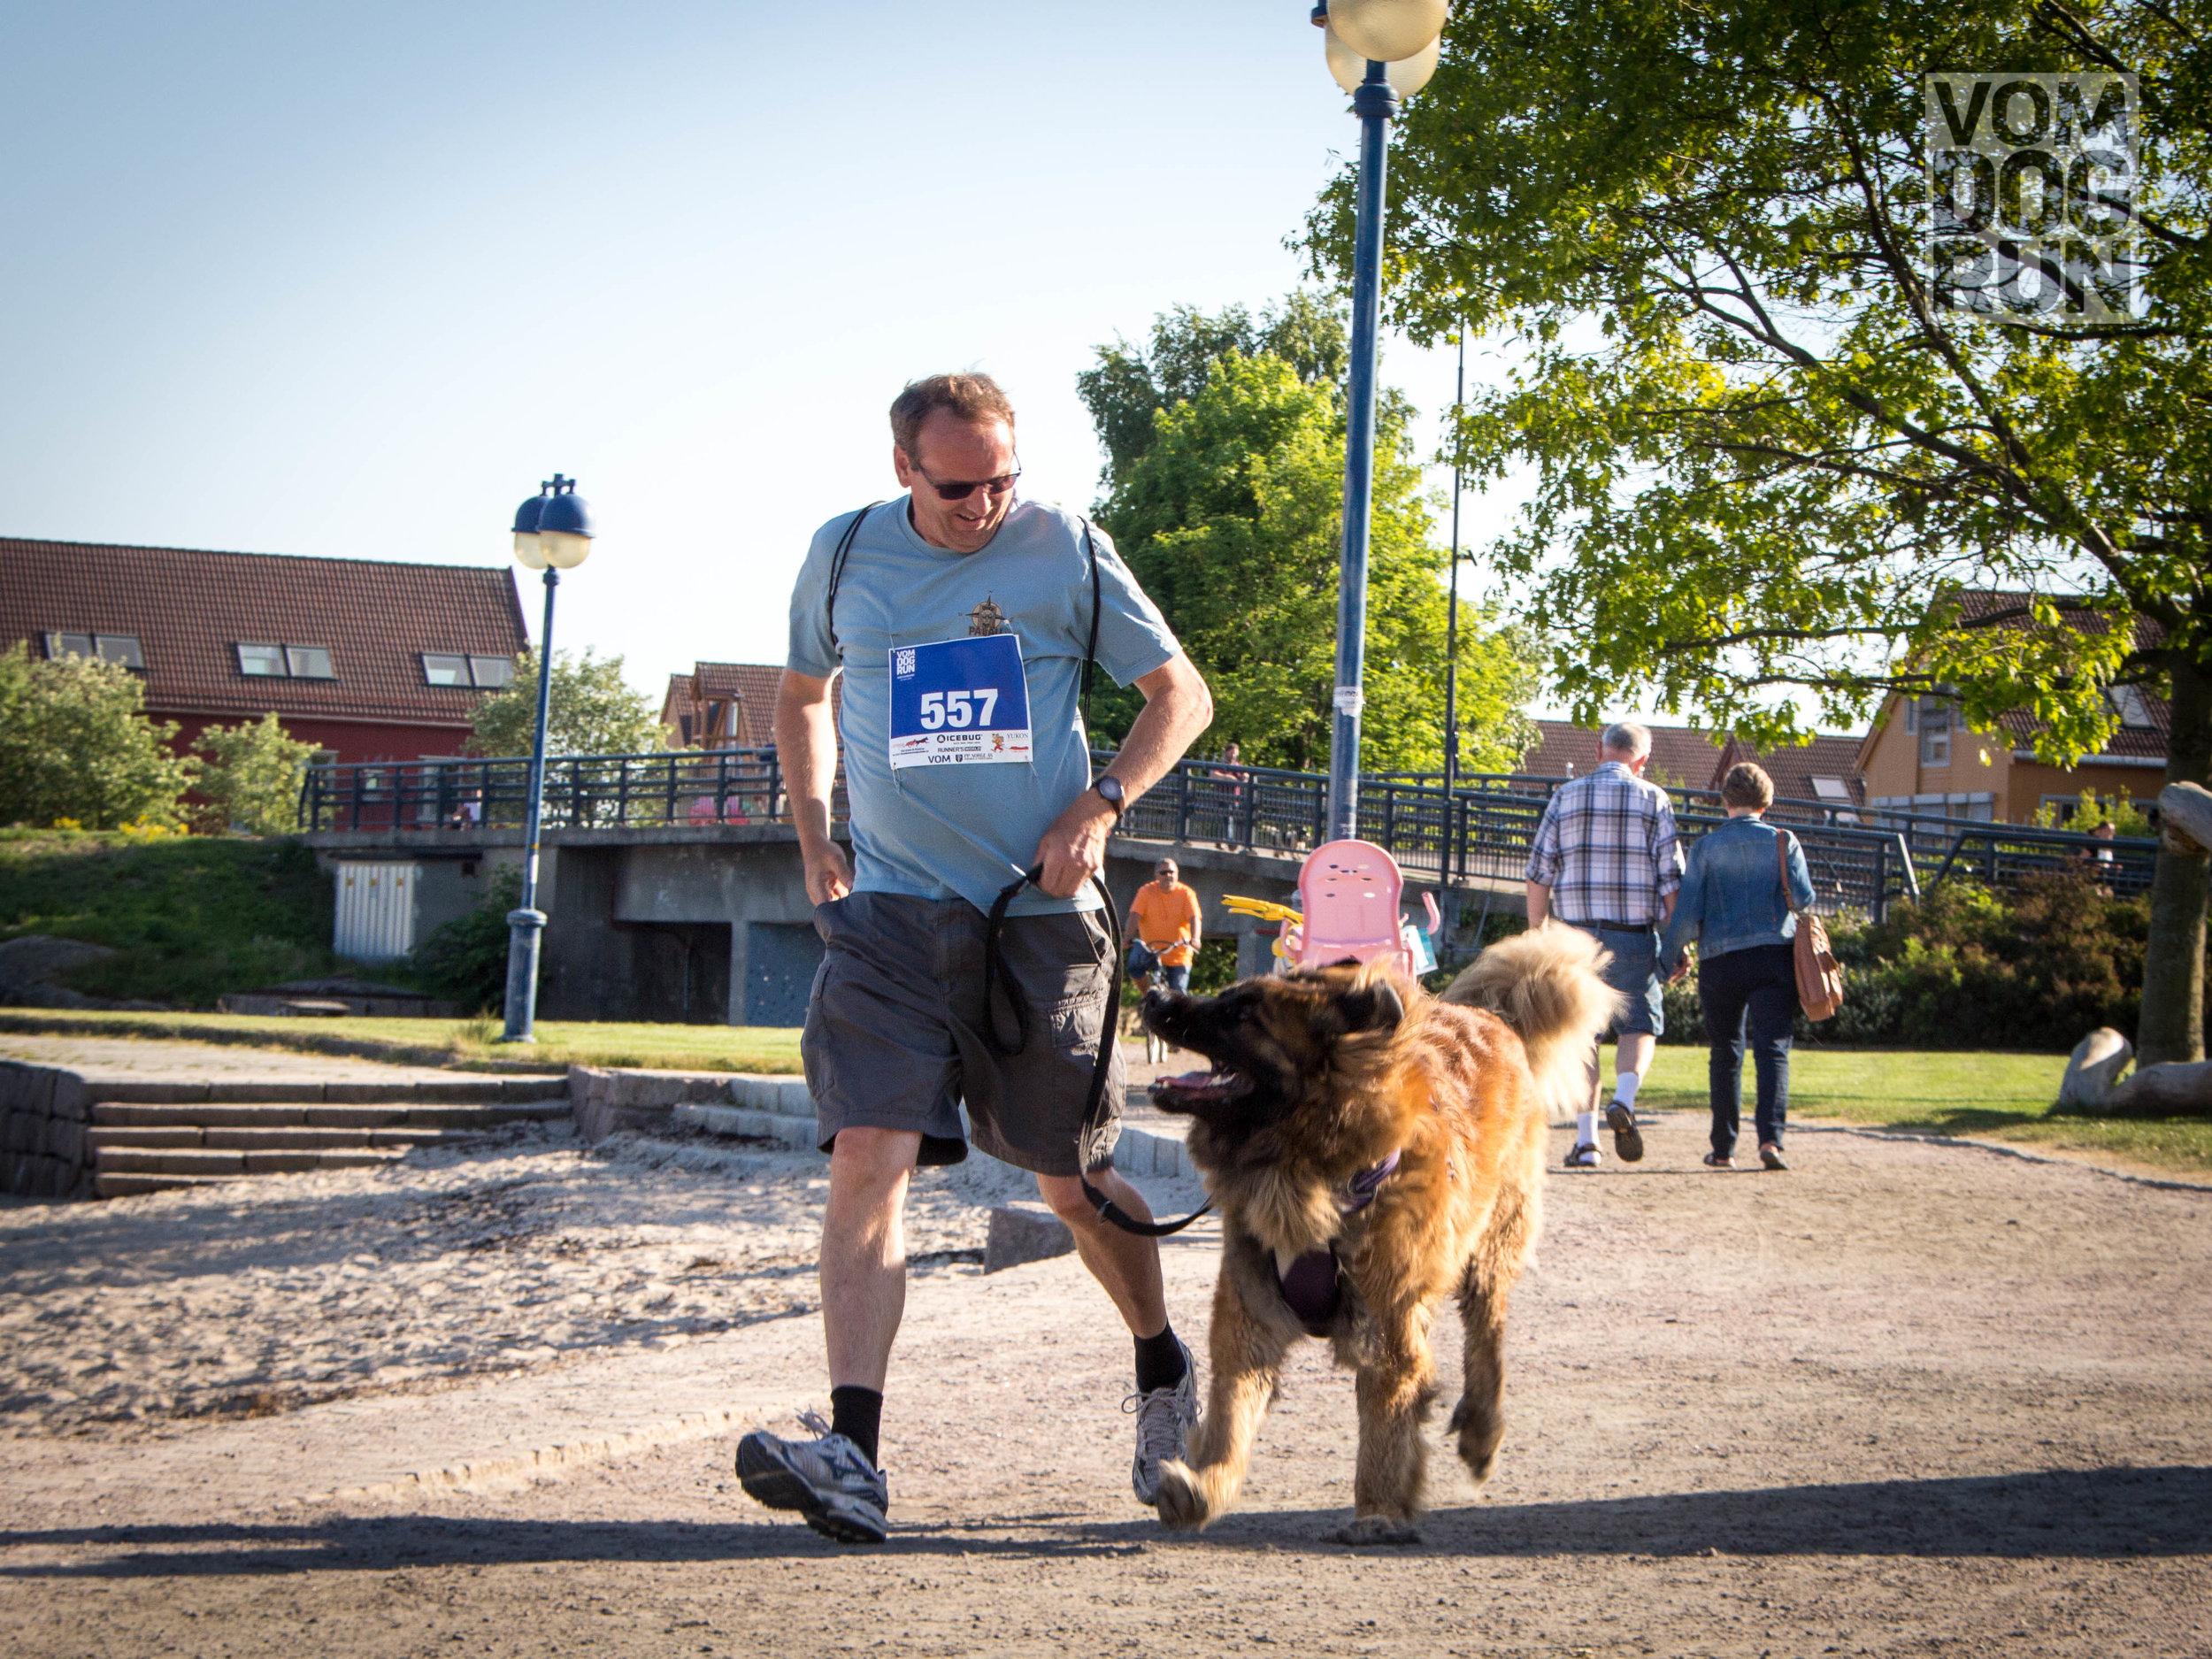 VOM Dog Run SoMe-58.jpg